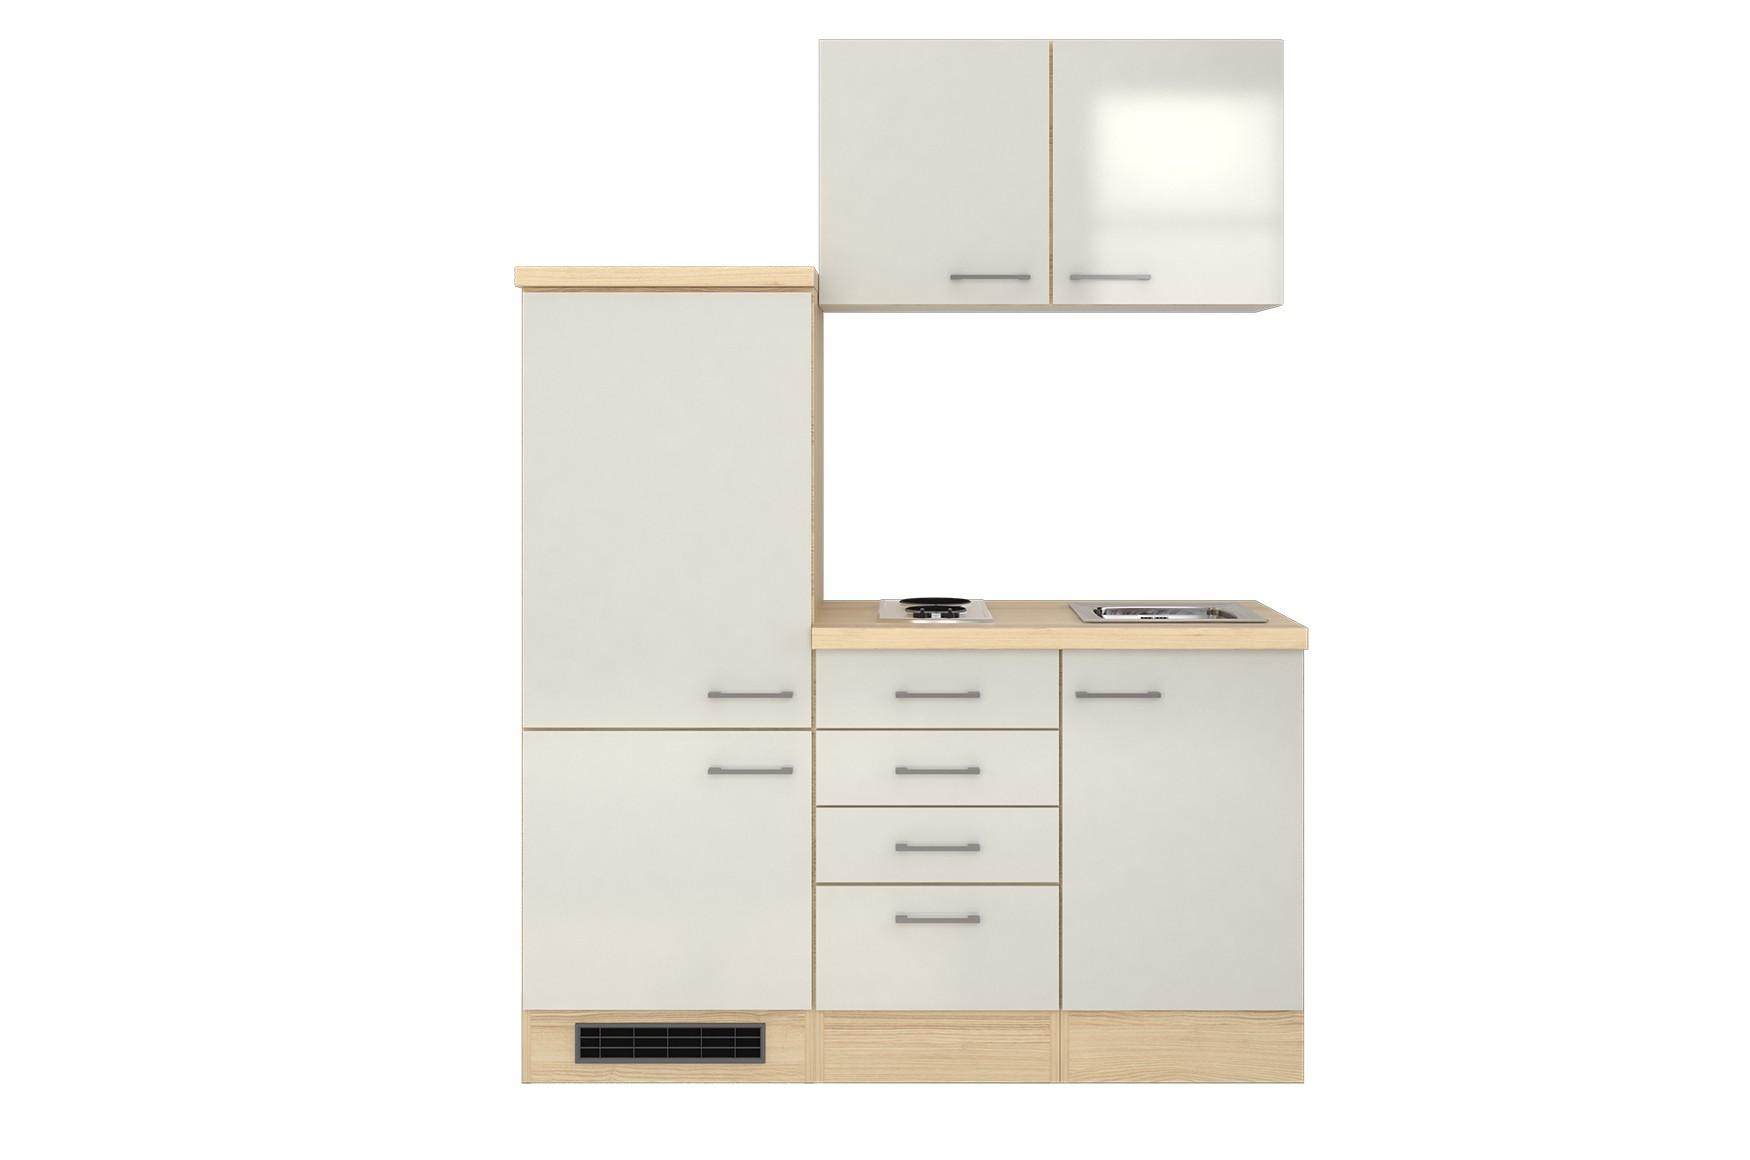 Miniküche Mit Kühlschrank Roller : Roller miniküche spannend küche mit elektrogeräten 4816